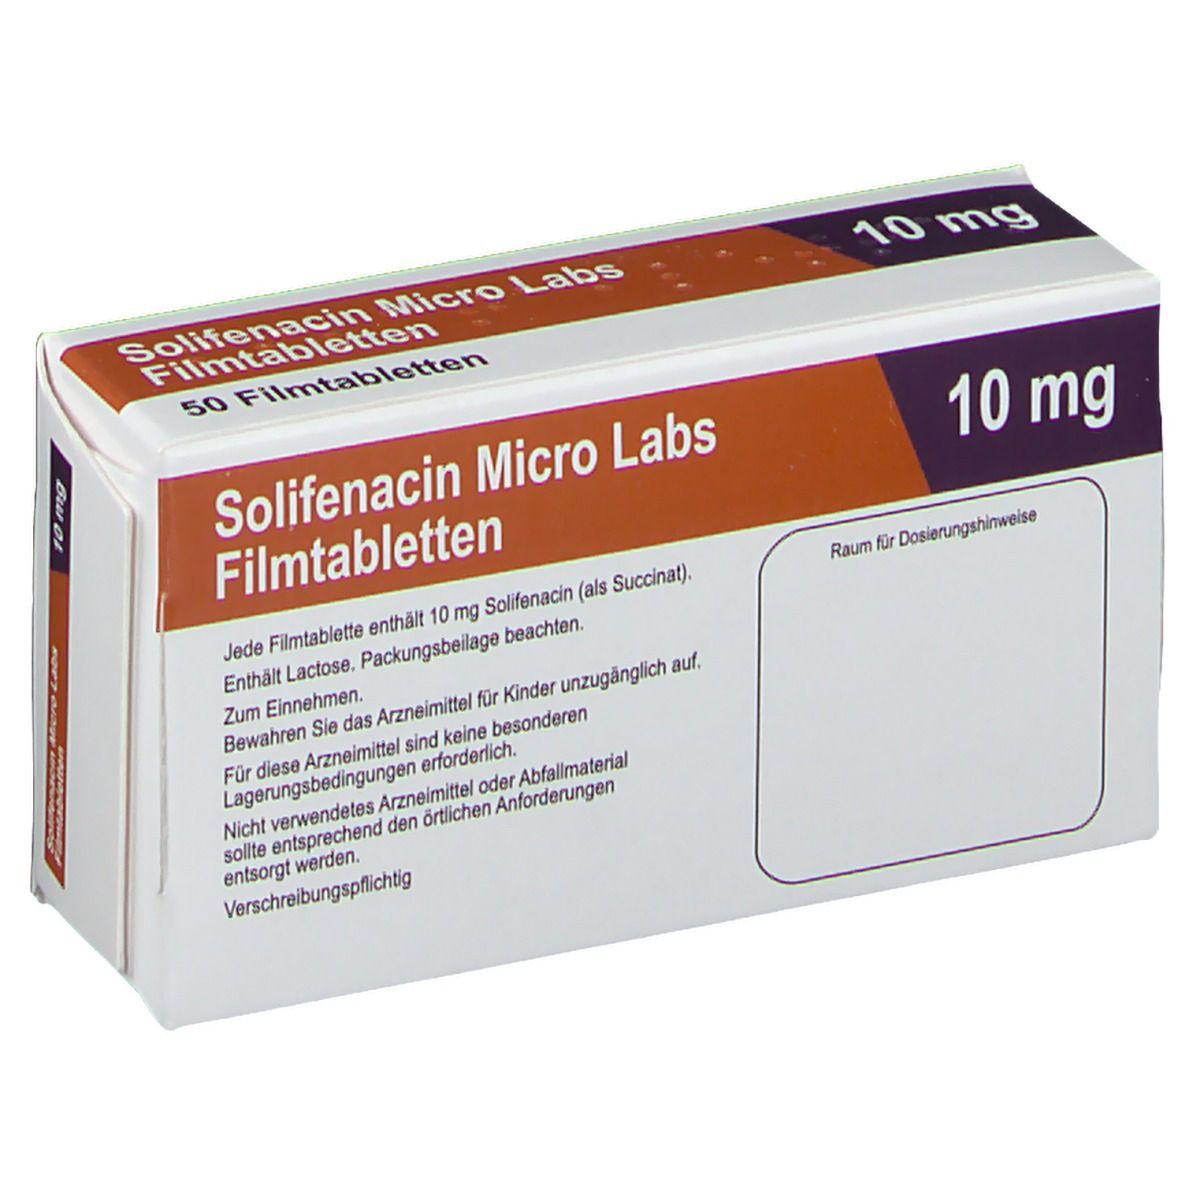 SOLIFENACIN Micro Labs 10 mg Filmtabletten